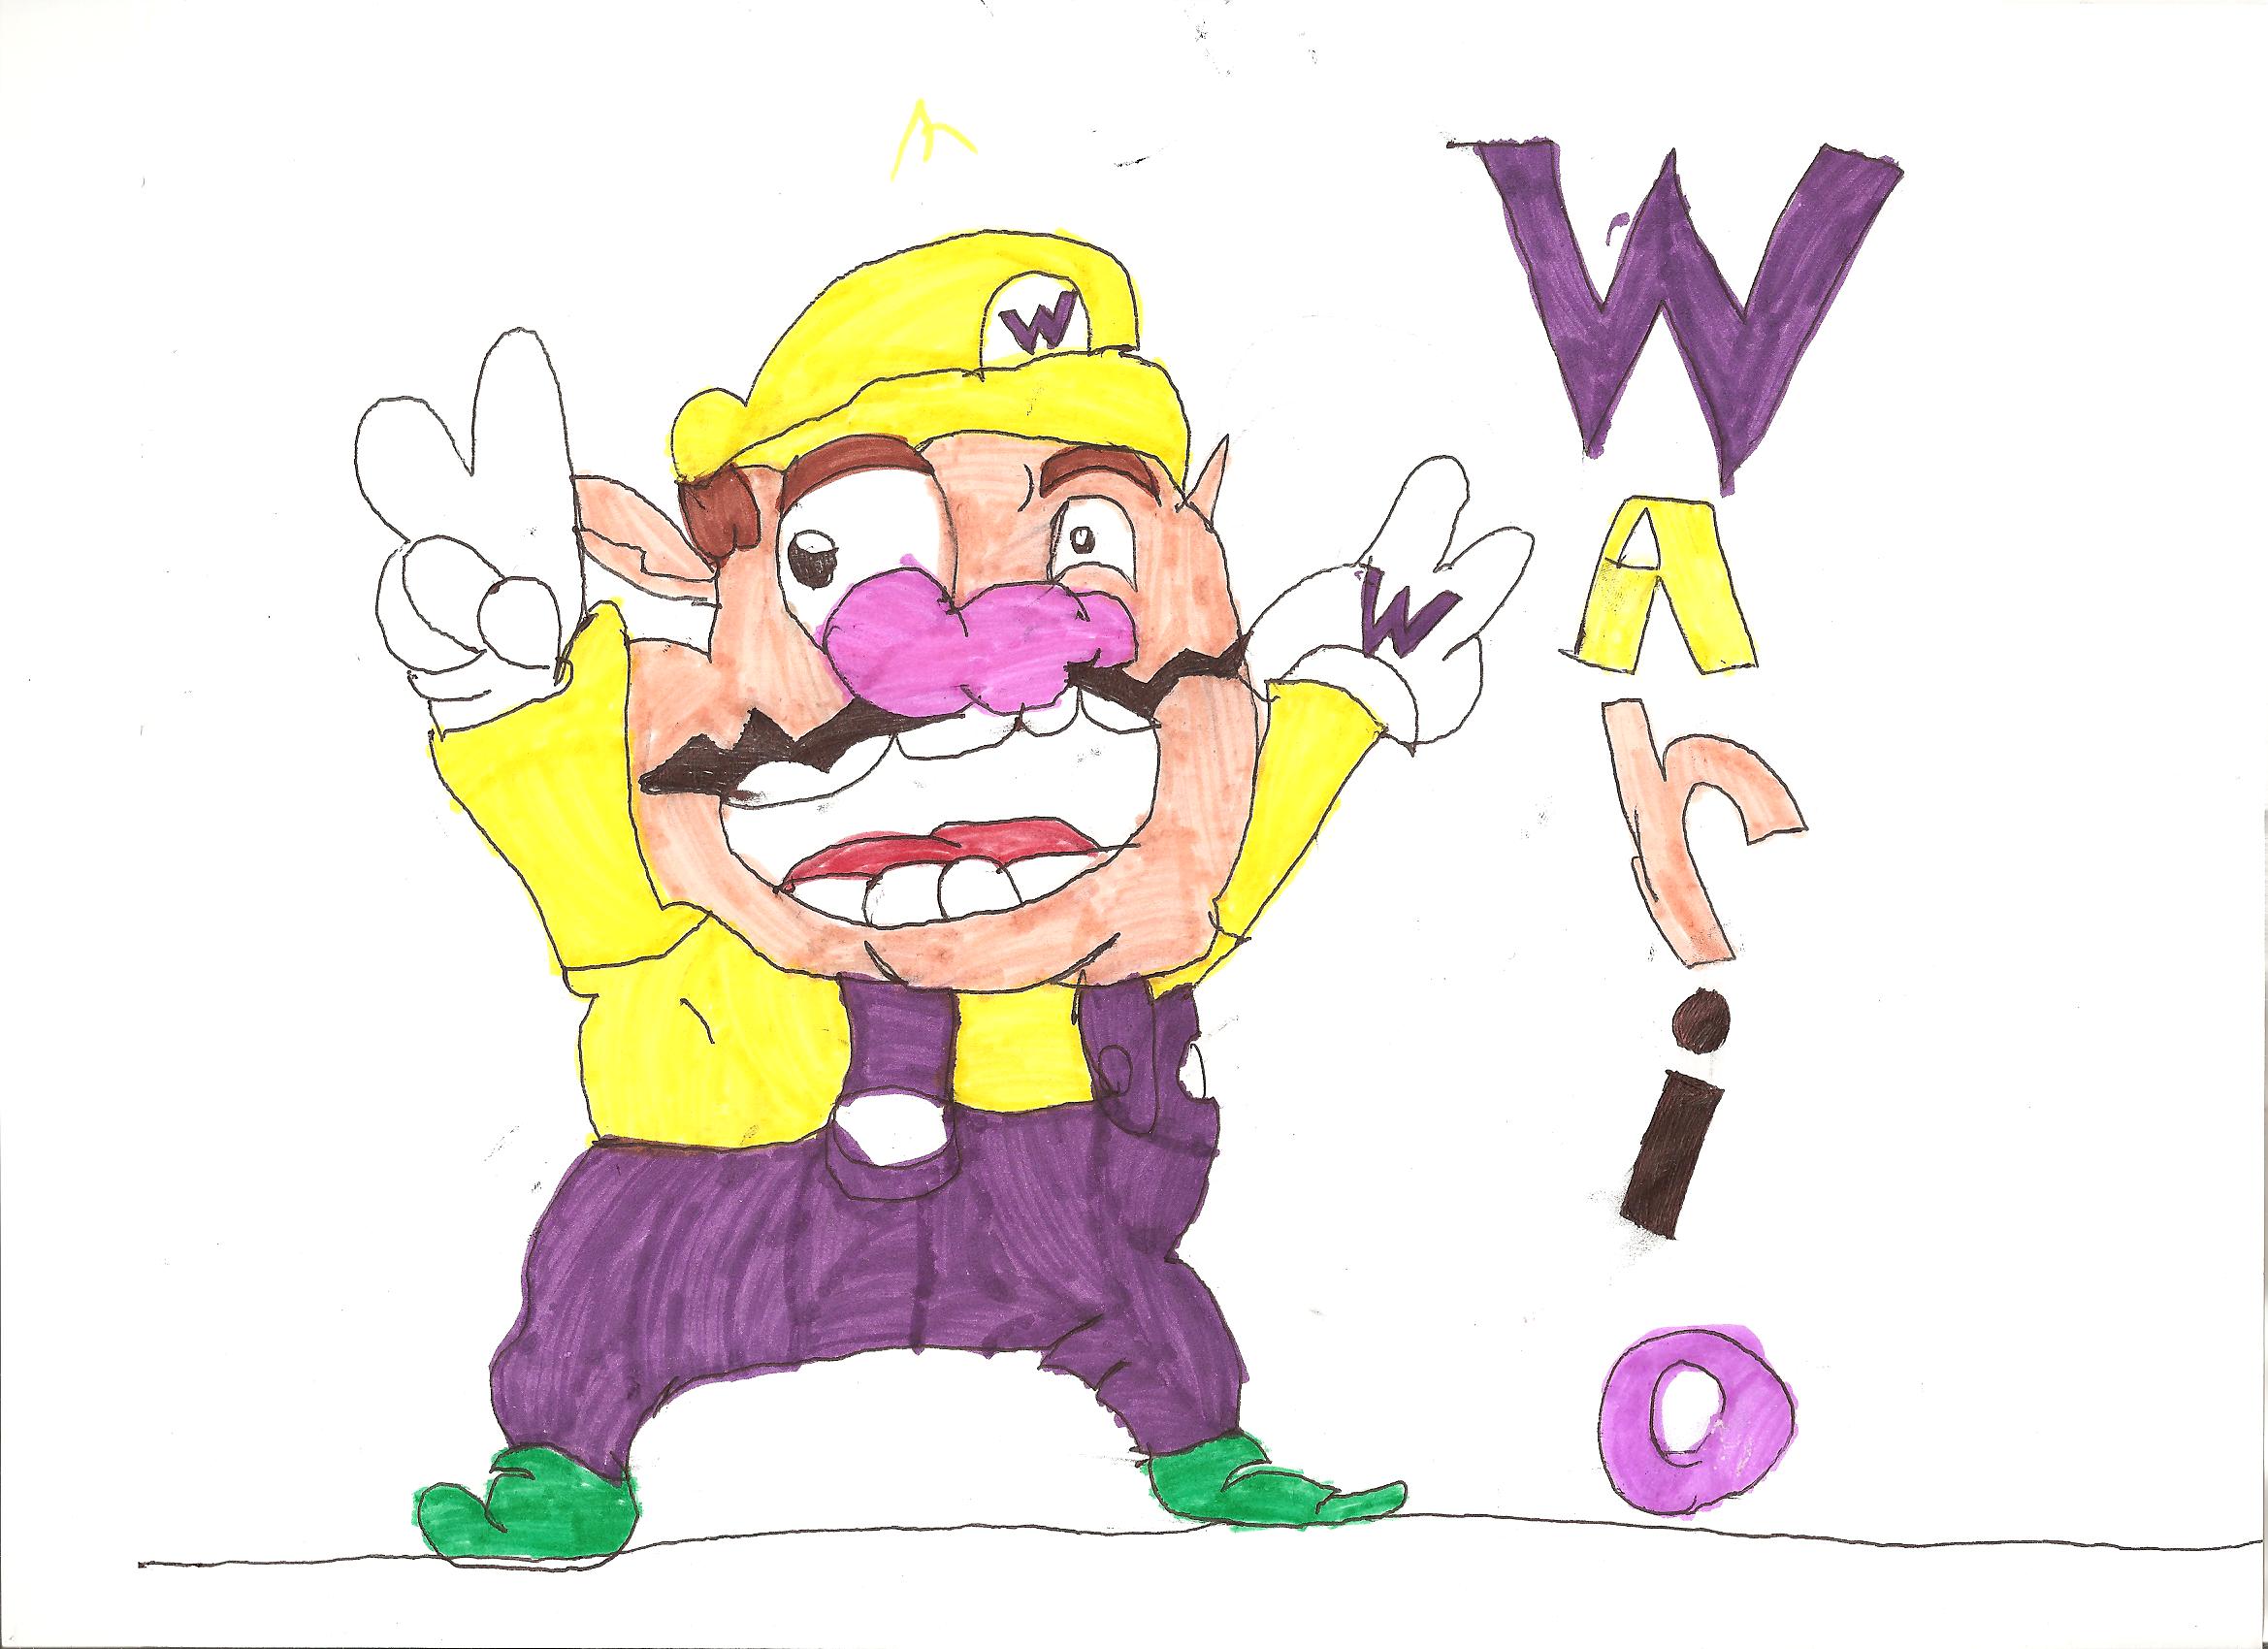 super wario